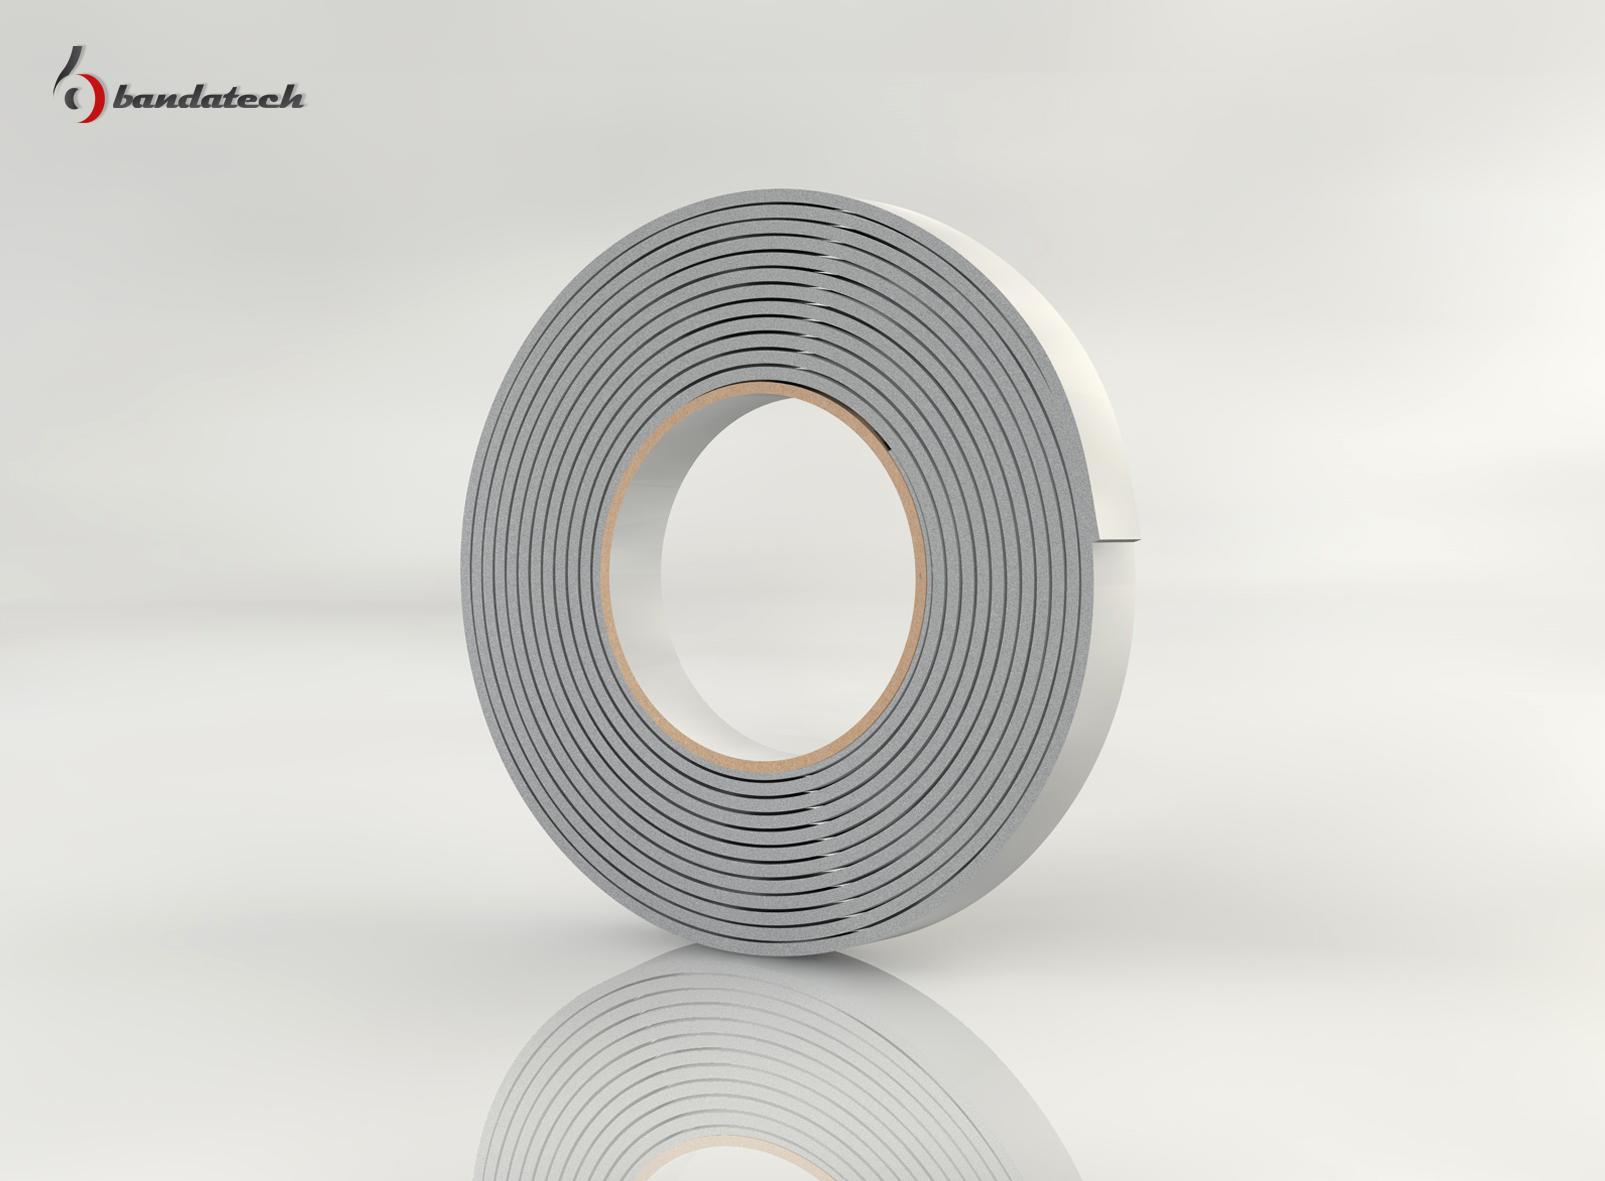 Garnituri adezive din polietilena de culoare gri BANDATECH - Poza 3